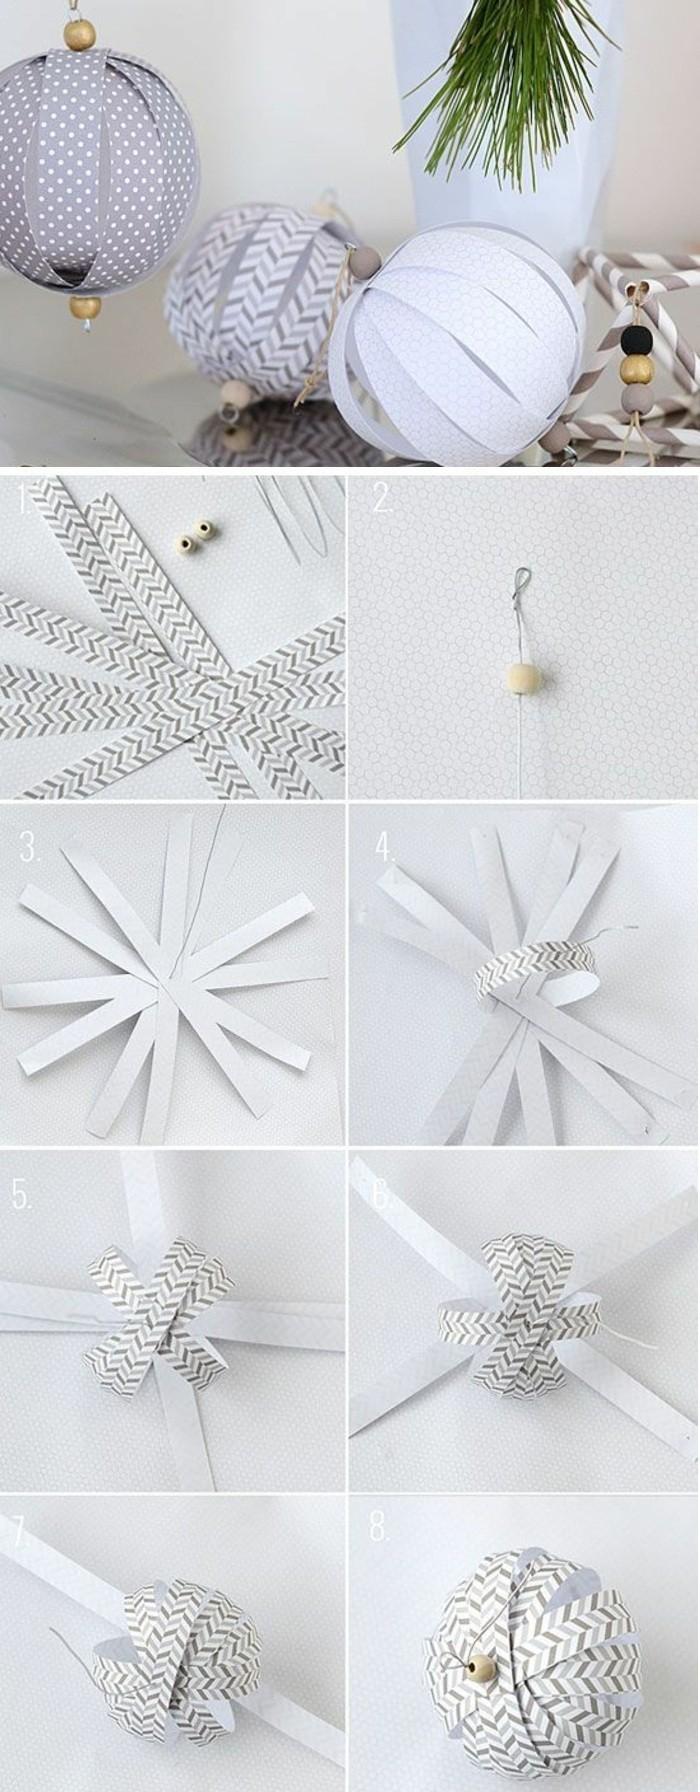 7-weihnachtsdeko-selber-machen-weihnachtskugeln-aus-weisem-papier